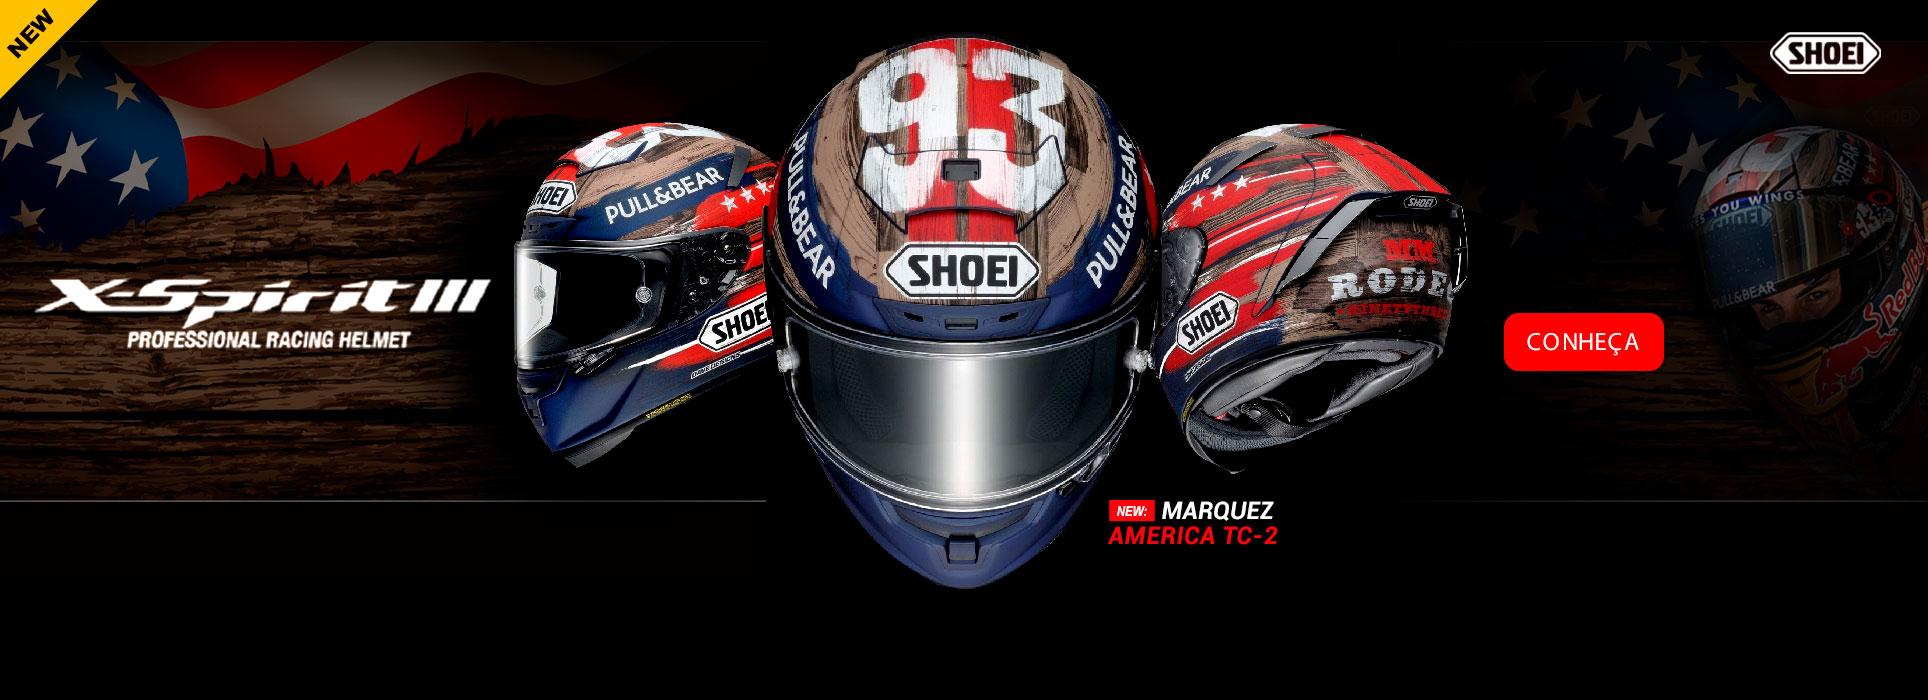 capacete_shoei_x_spirit_3_marc_marquez_america_tc_2